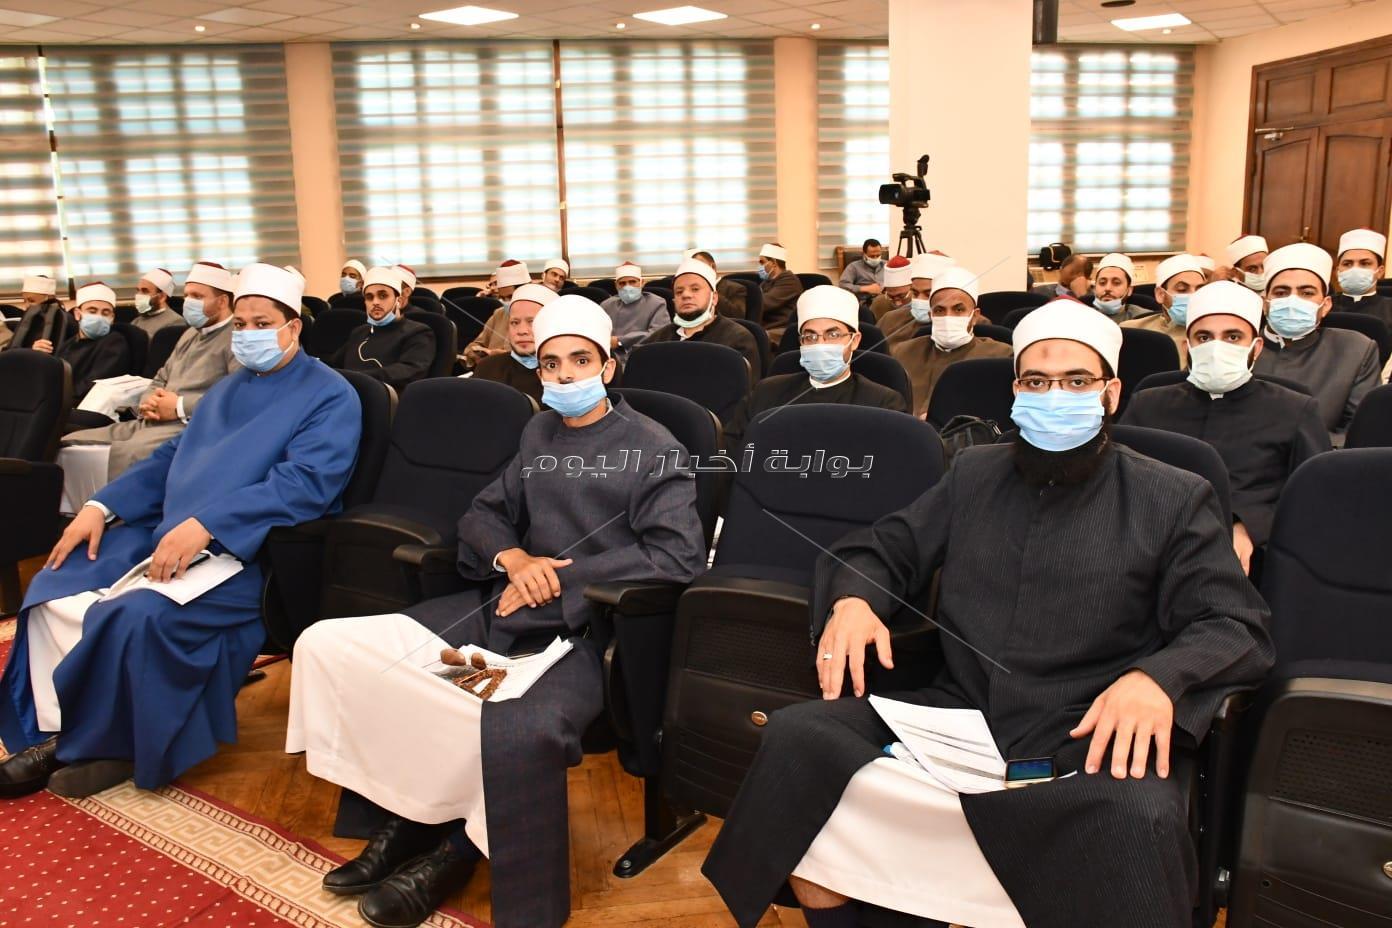 انطلاق دورة المهارات الإعلامية لأئمة وزارة الأوقاف بجامعة عين شمس